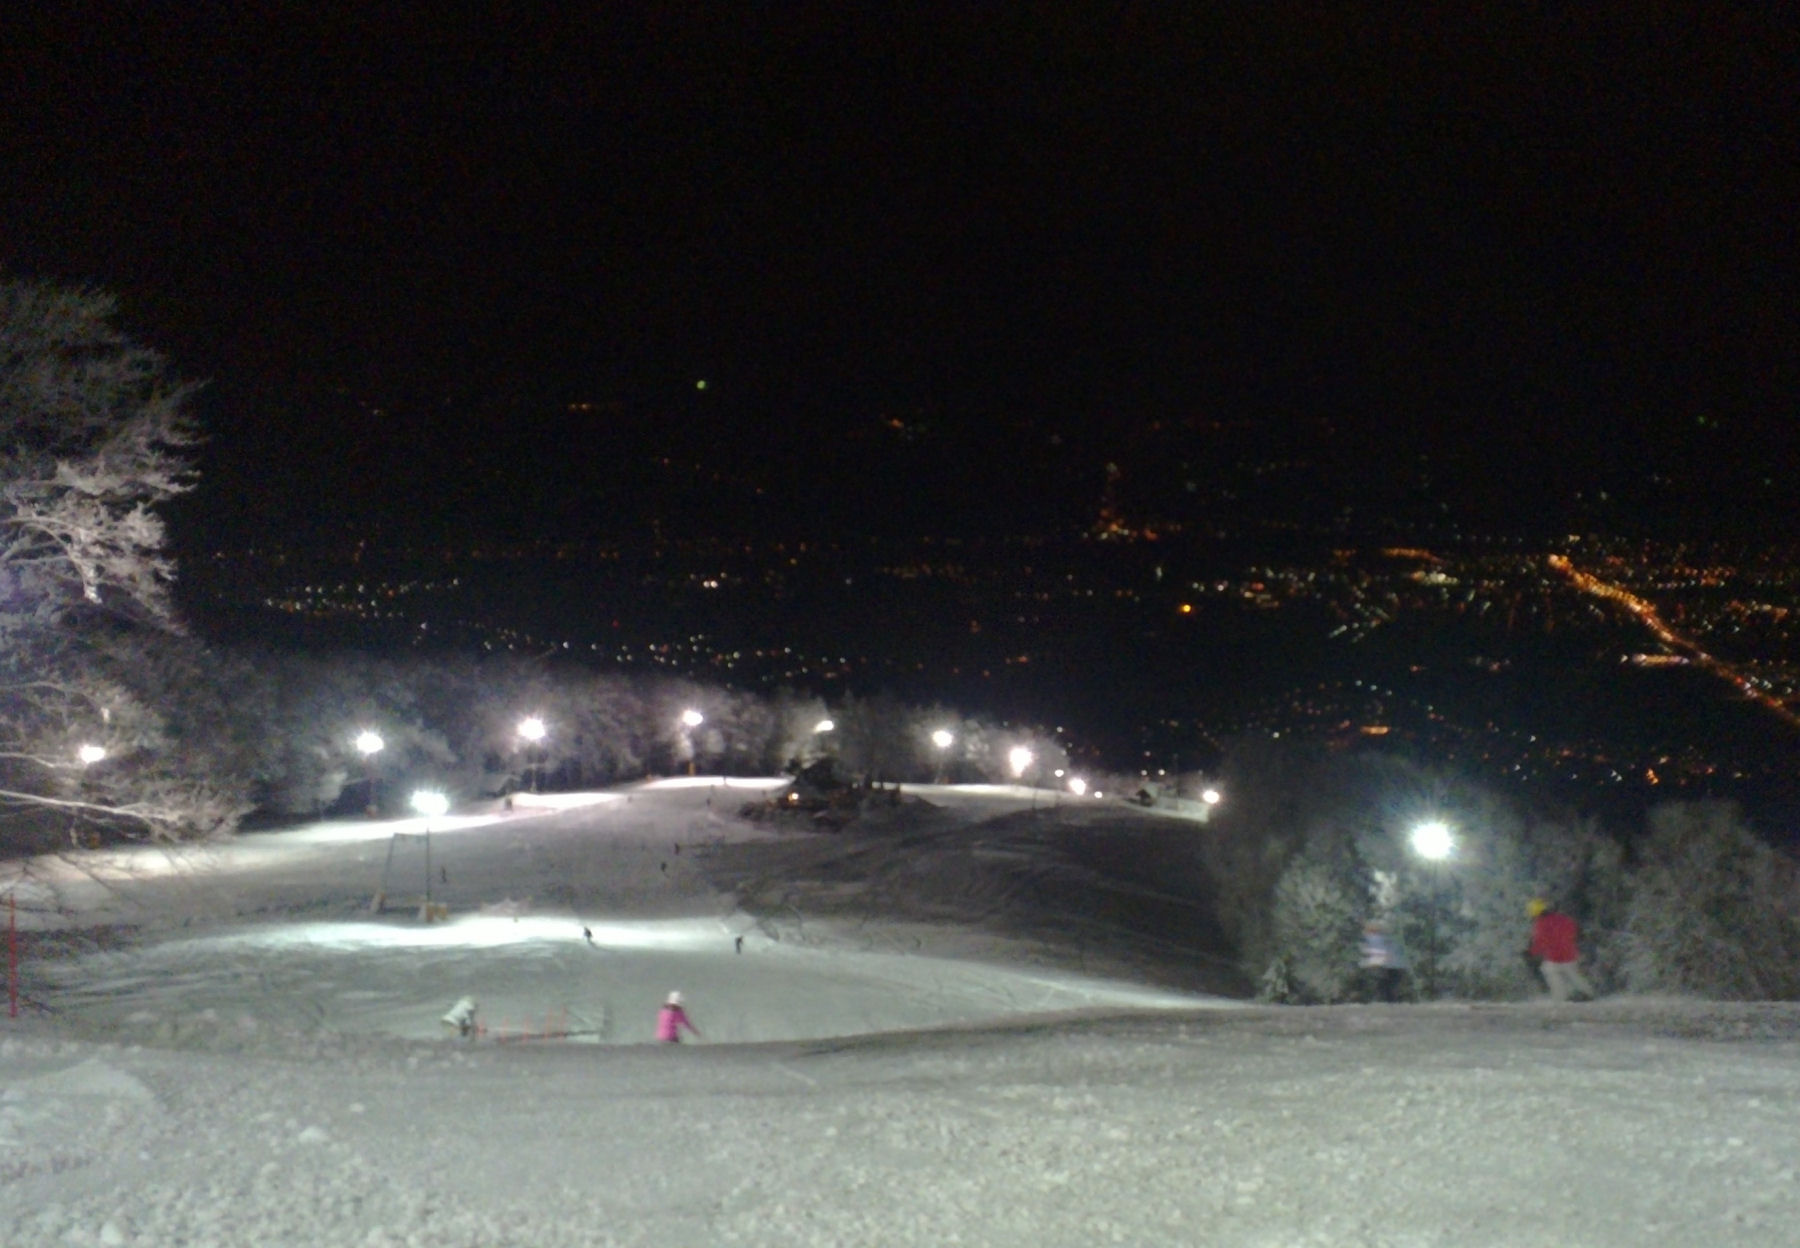 Night skiing at Mariborsko Pohorje ski resort in Maribor, Slovenia